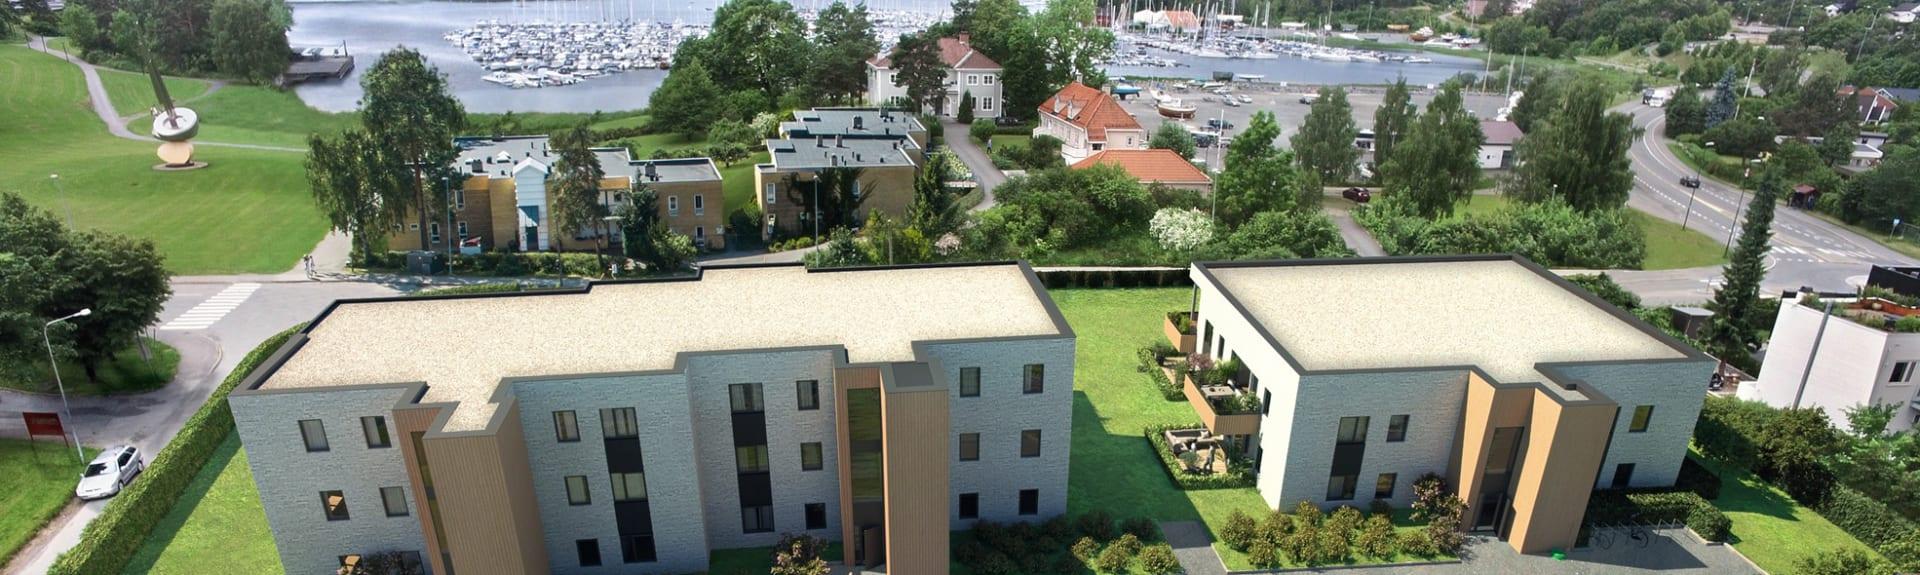 Unike leiligheter til salgs på vakre Høvik! Tett på sjø, strand og grønne parkområder.